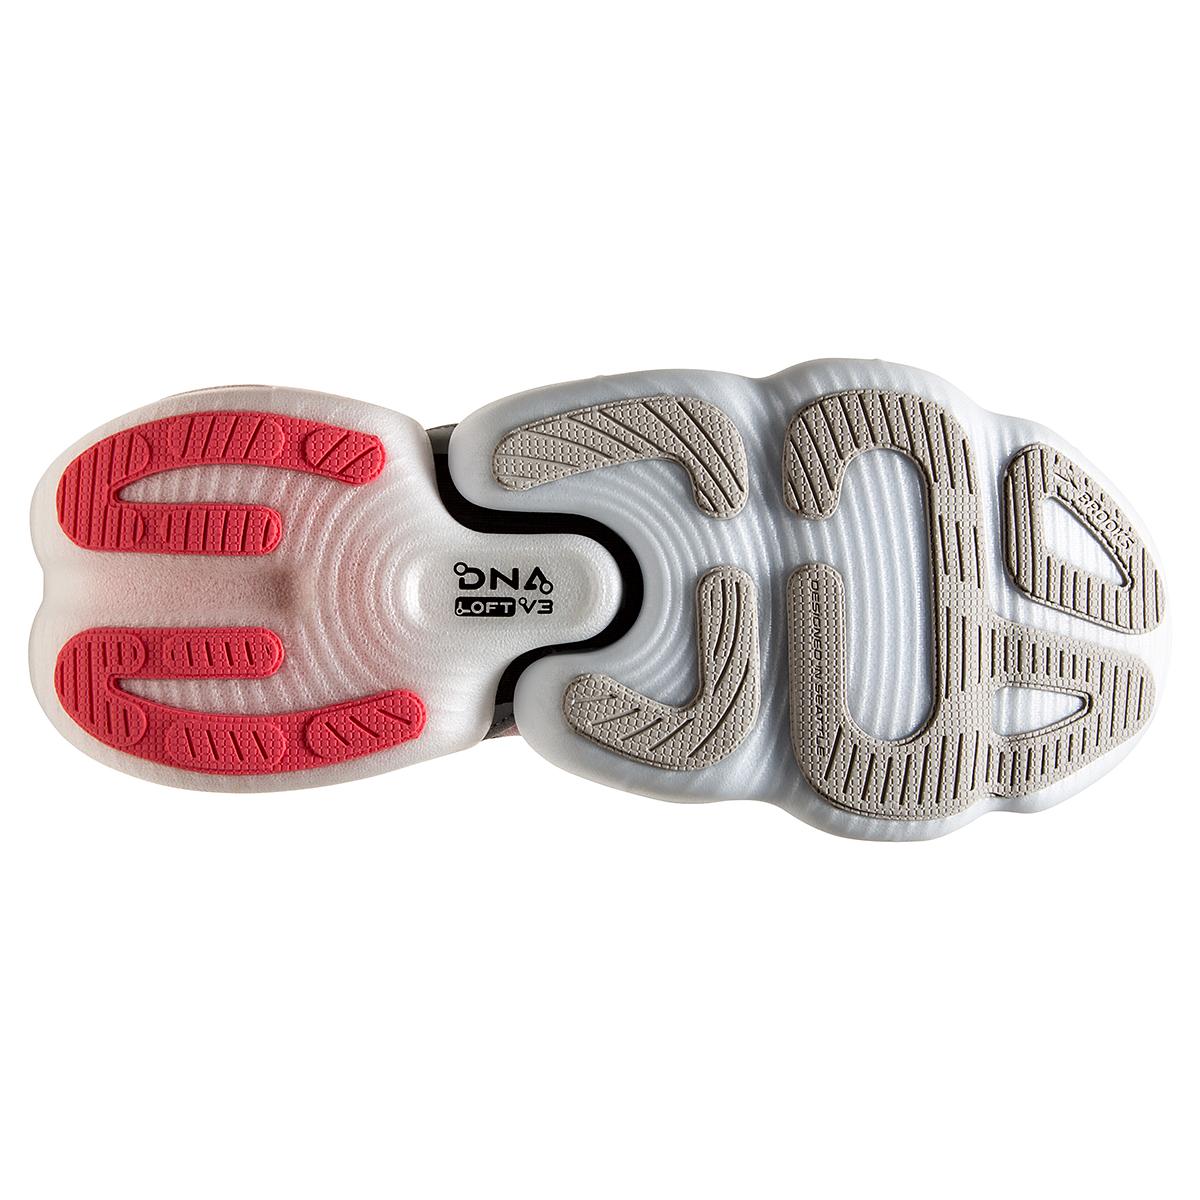 Women's Brooks Aurora-BL Running Shoe - Color: Grey/Coral/Black - Size: 5 - Width: Regular, Grey/Coral/Black, large, image 6